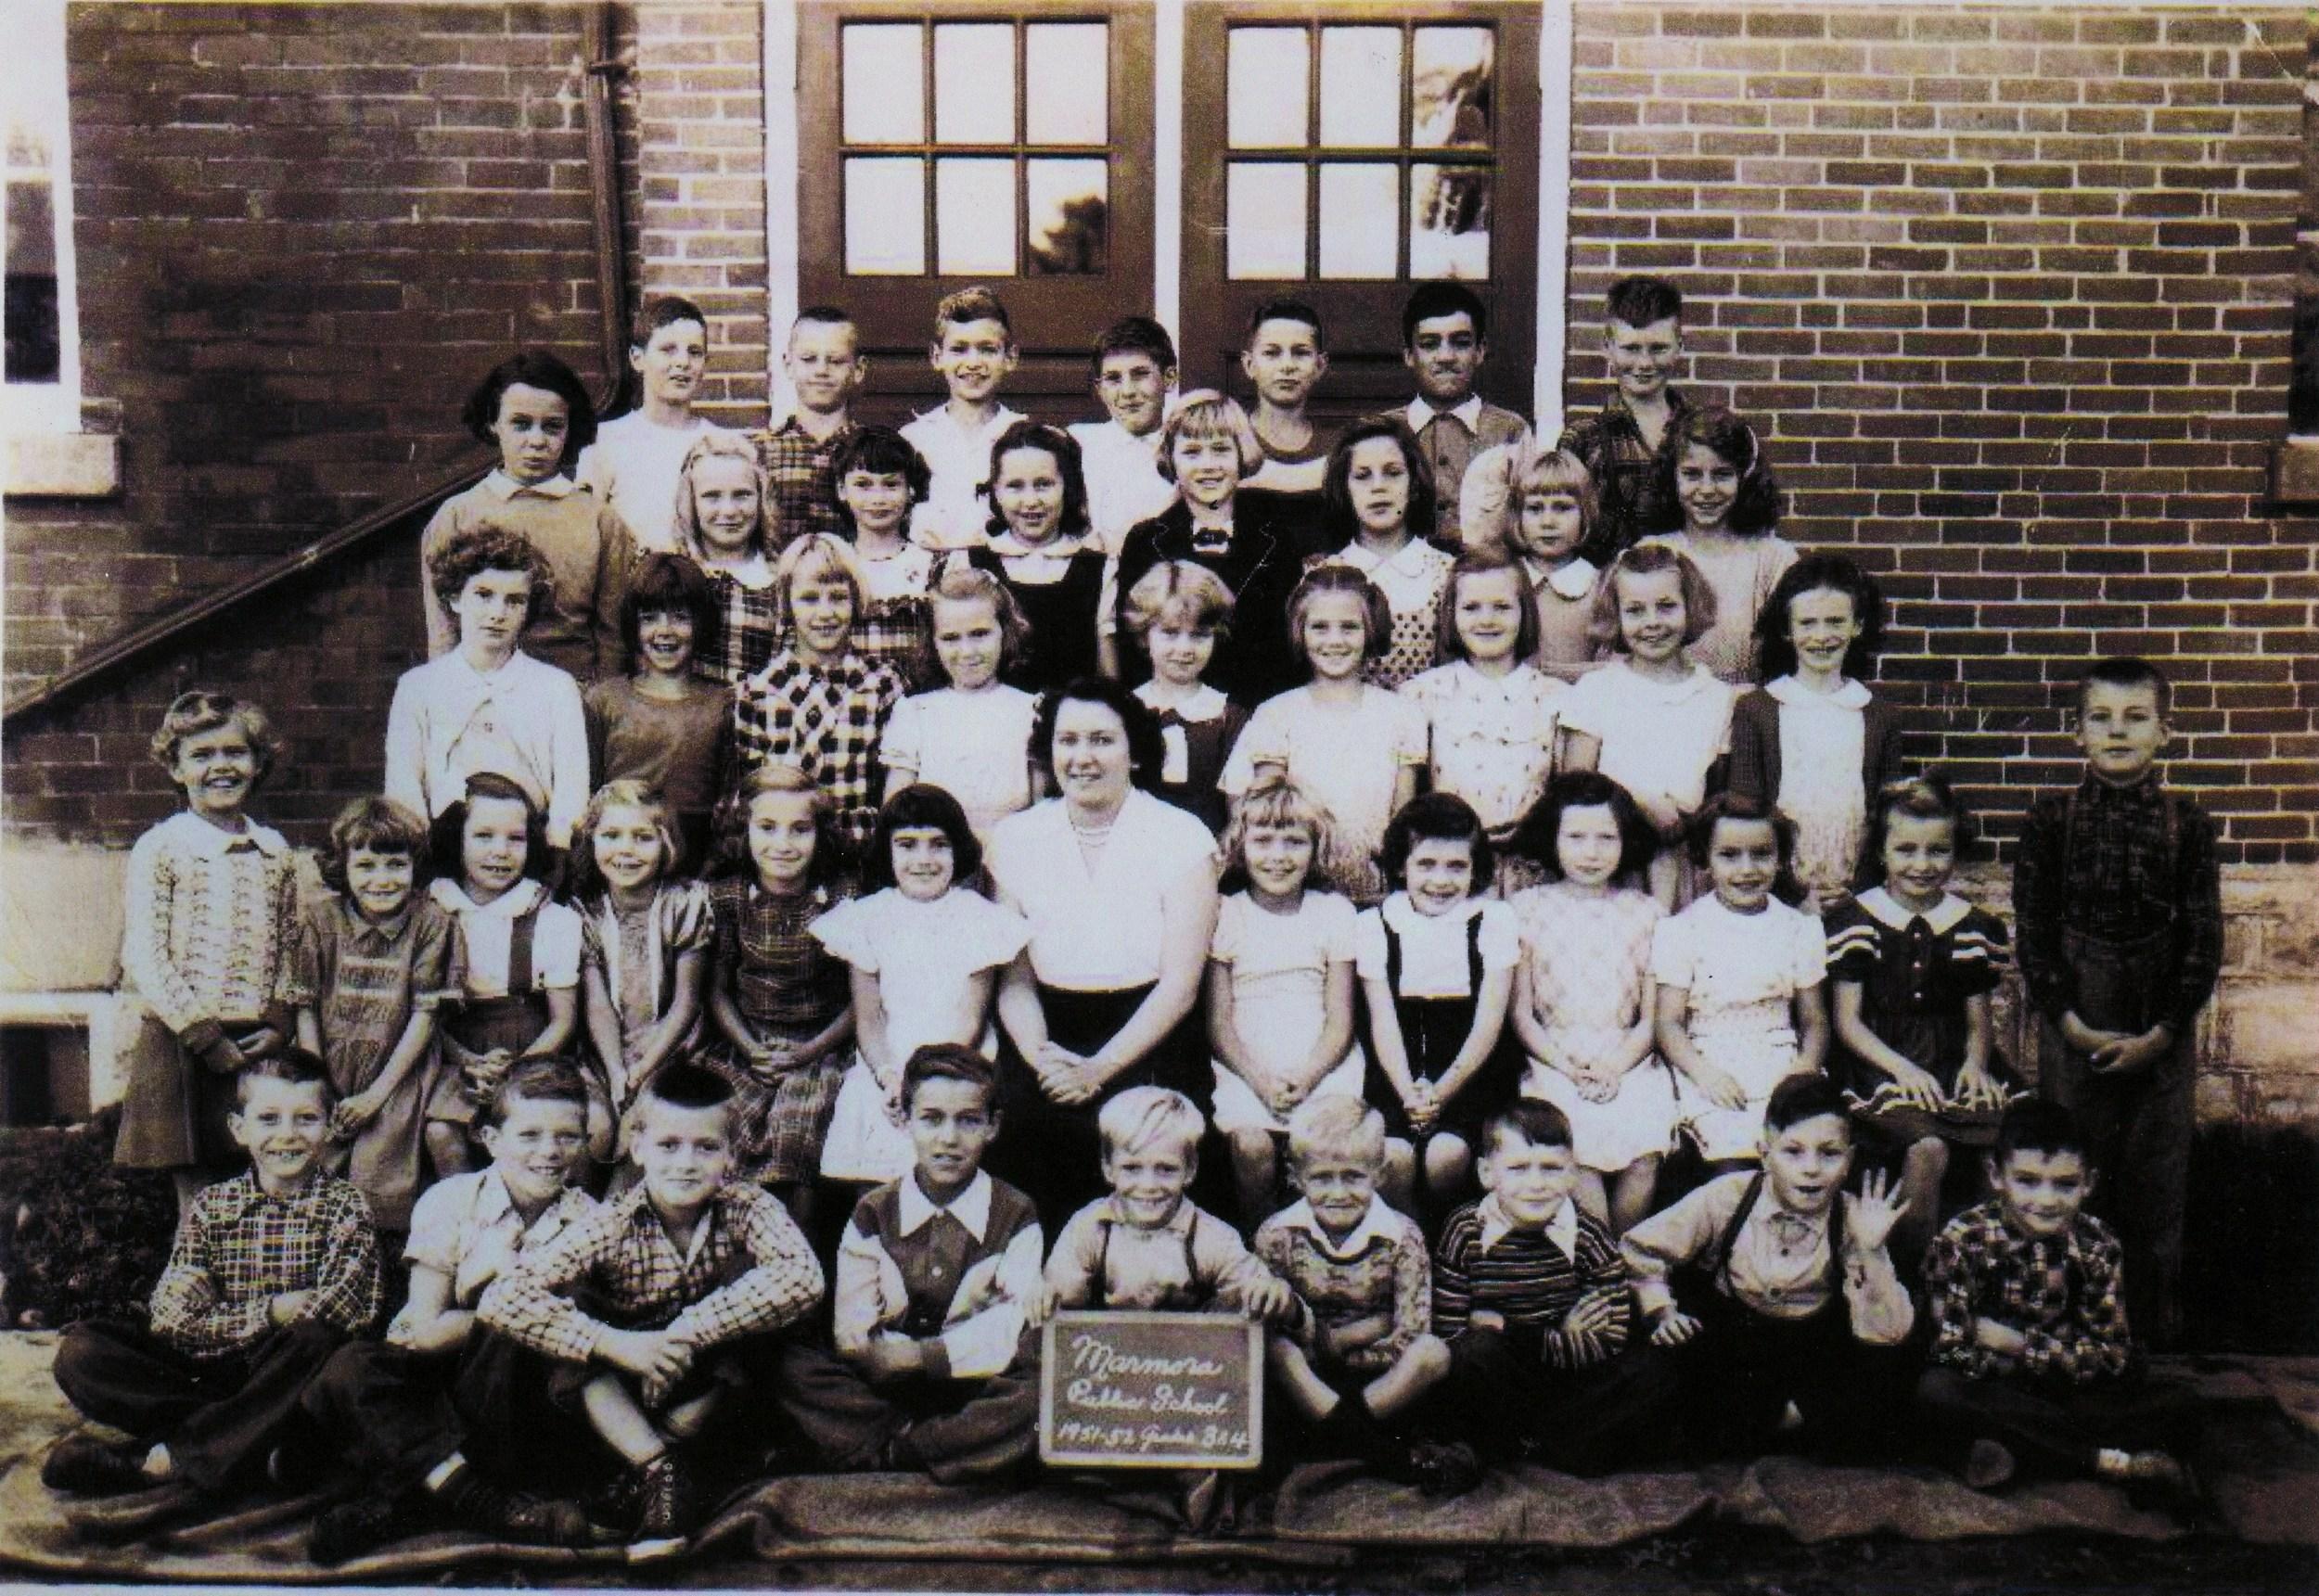 1951-52 Marmora Public School Gr. 3 & 4